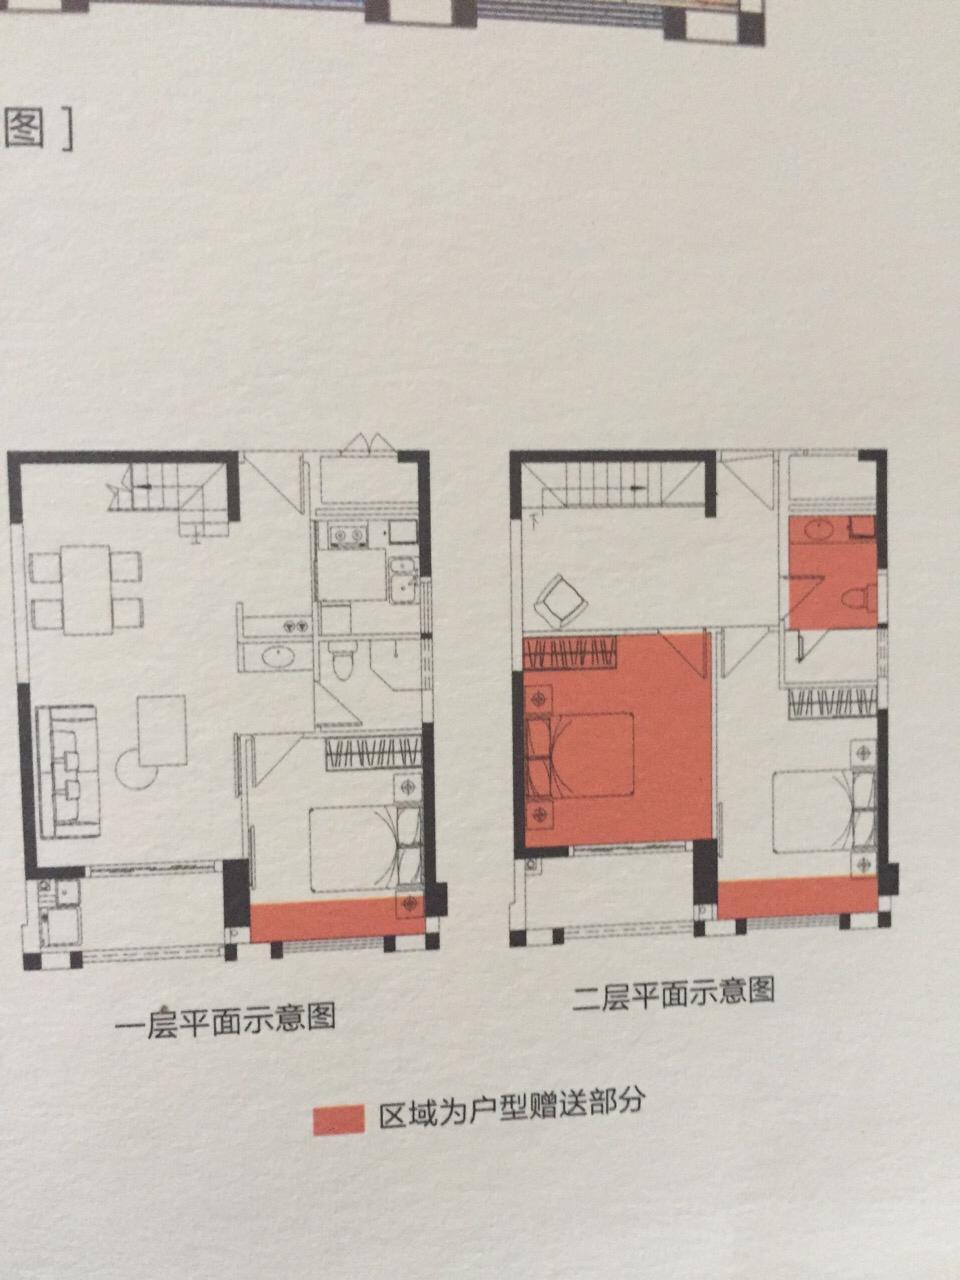 设计图分享 农村三间二层二楼设计图  房间二楼做三间房 宽960×1280